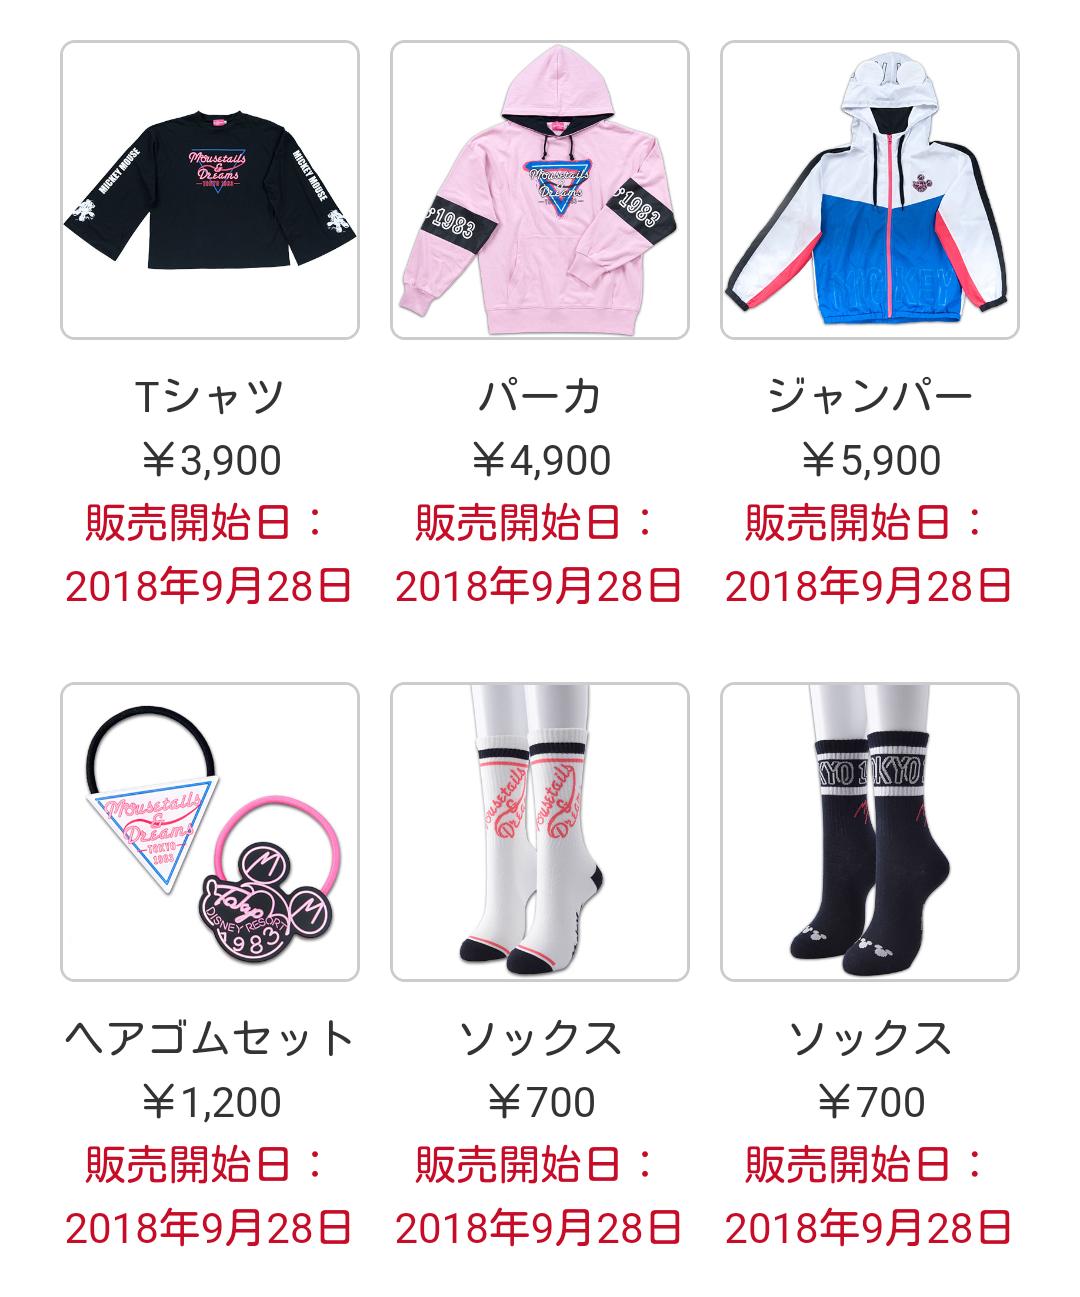 ディズニーファンdのtdrグッズブログ☆: tdr新商品☆ネオンカラーグッズ